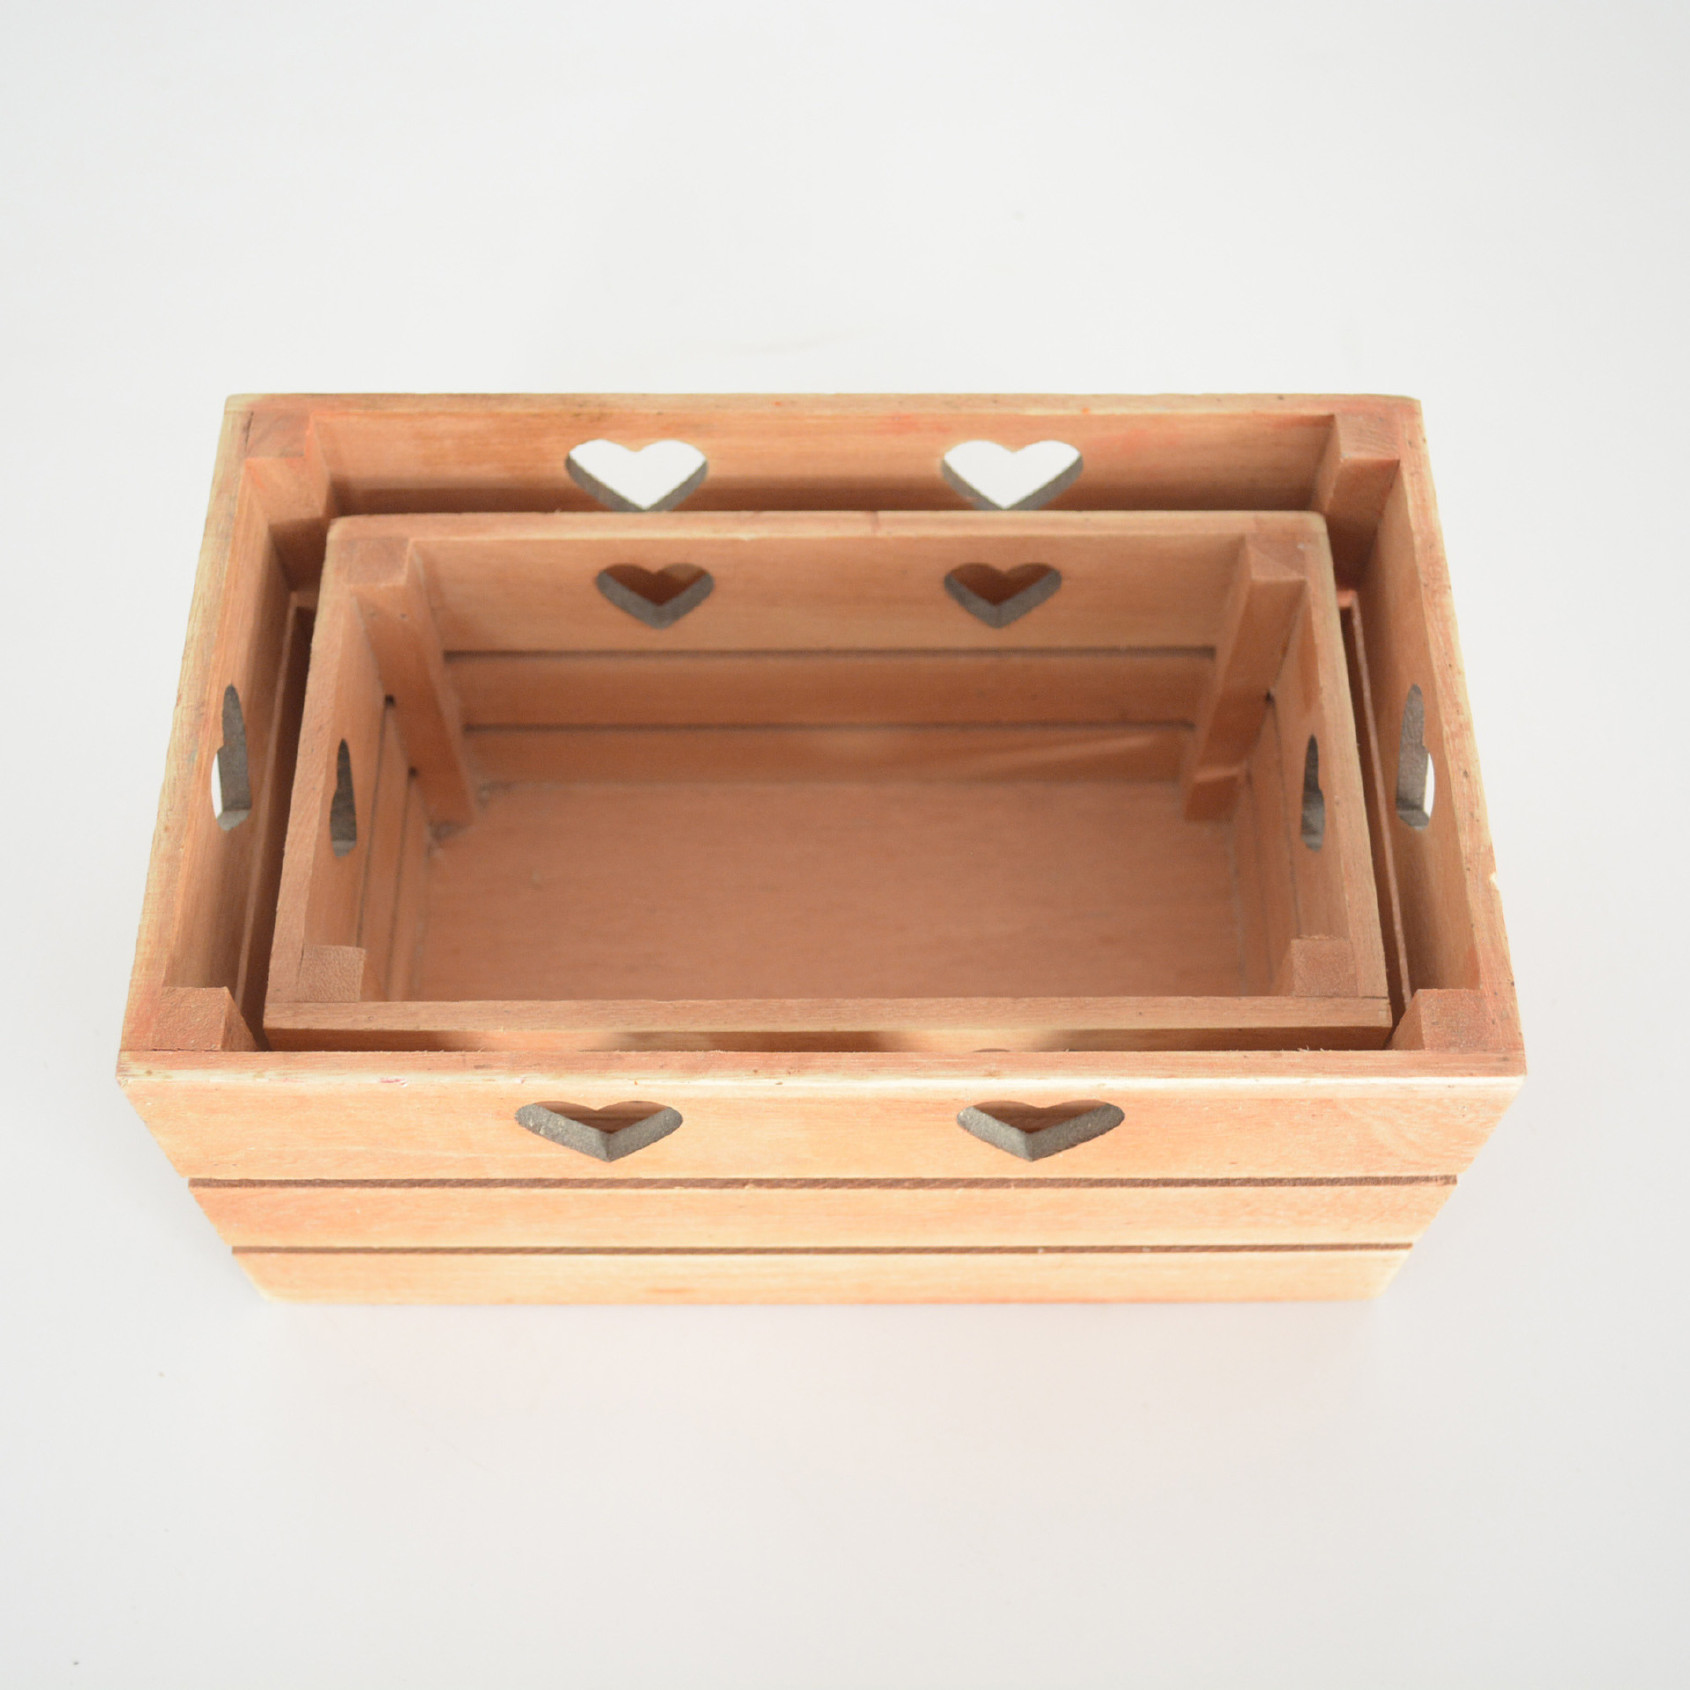 直销蔬菜置物木筐 家庭实用品手把式zakka木制水果收纳筐